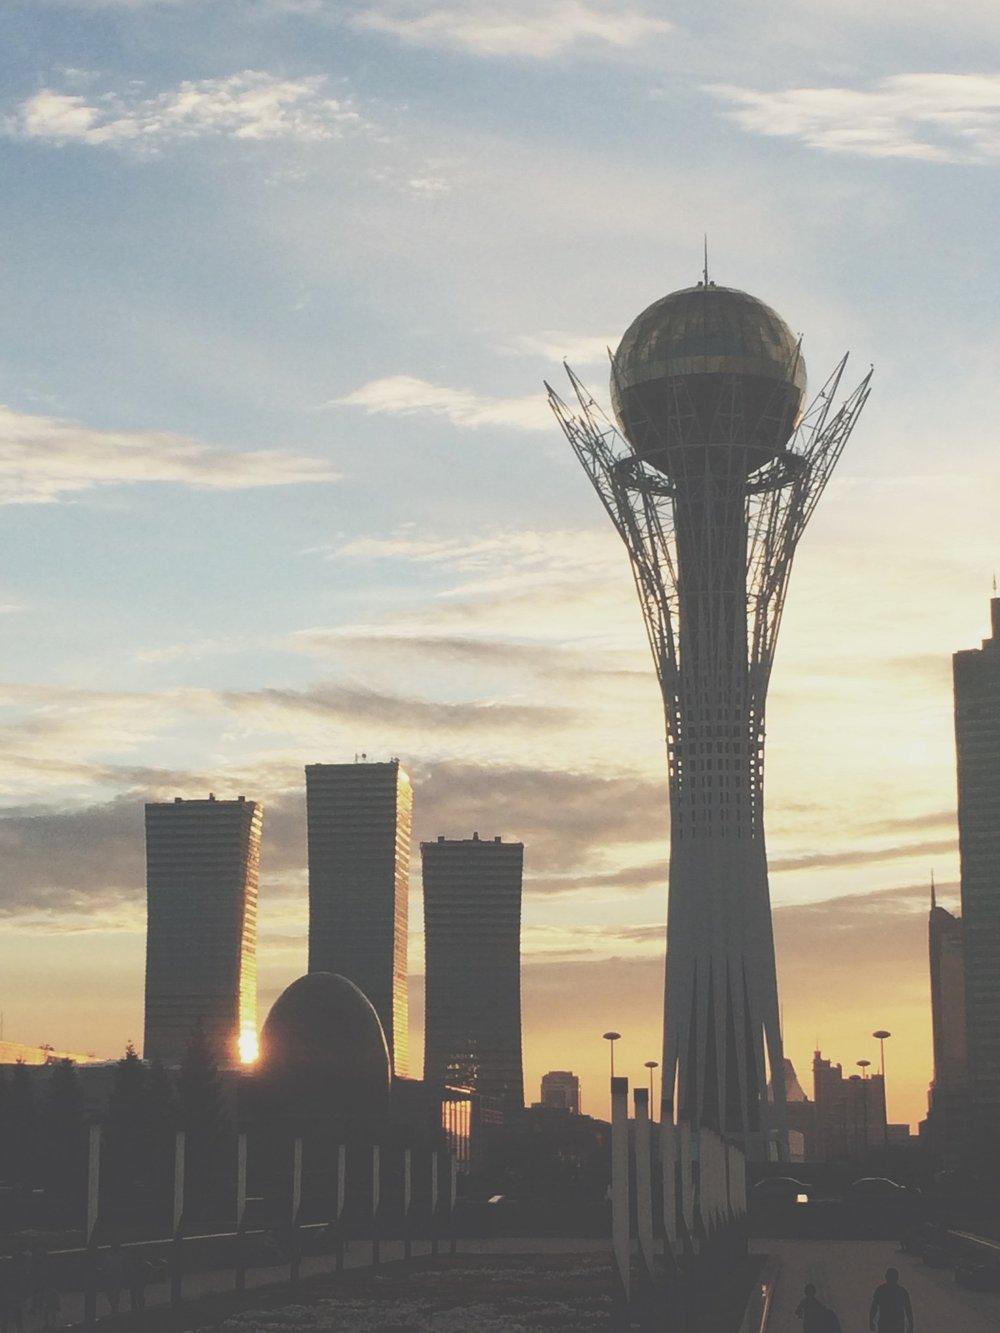 erik-sandybaev-98357.jpg